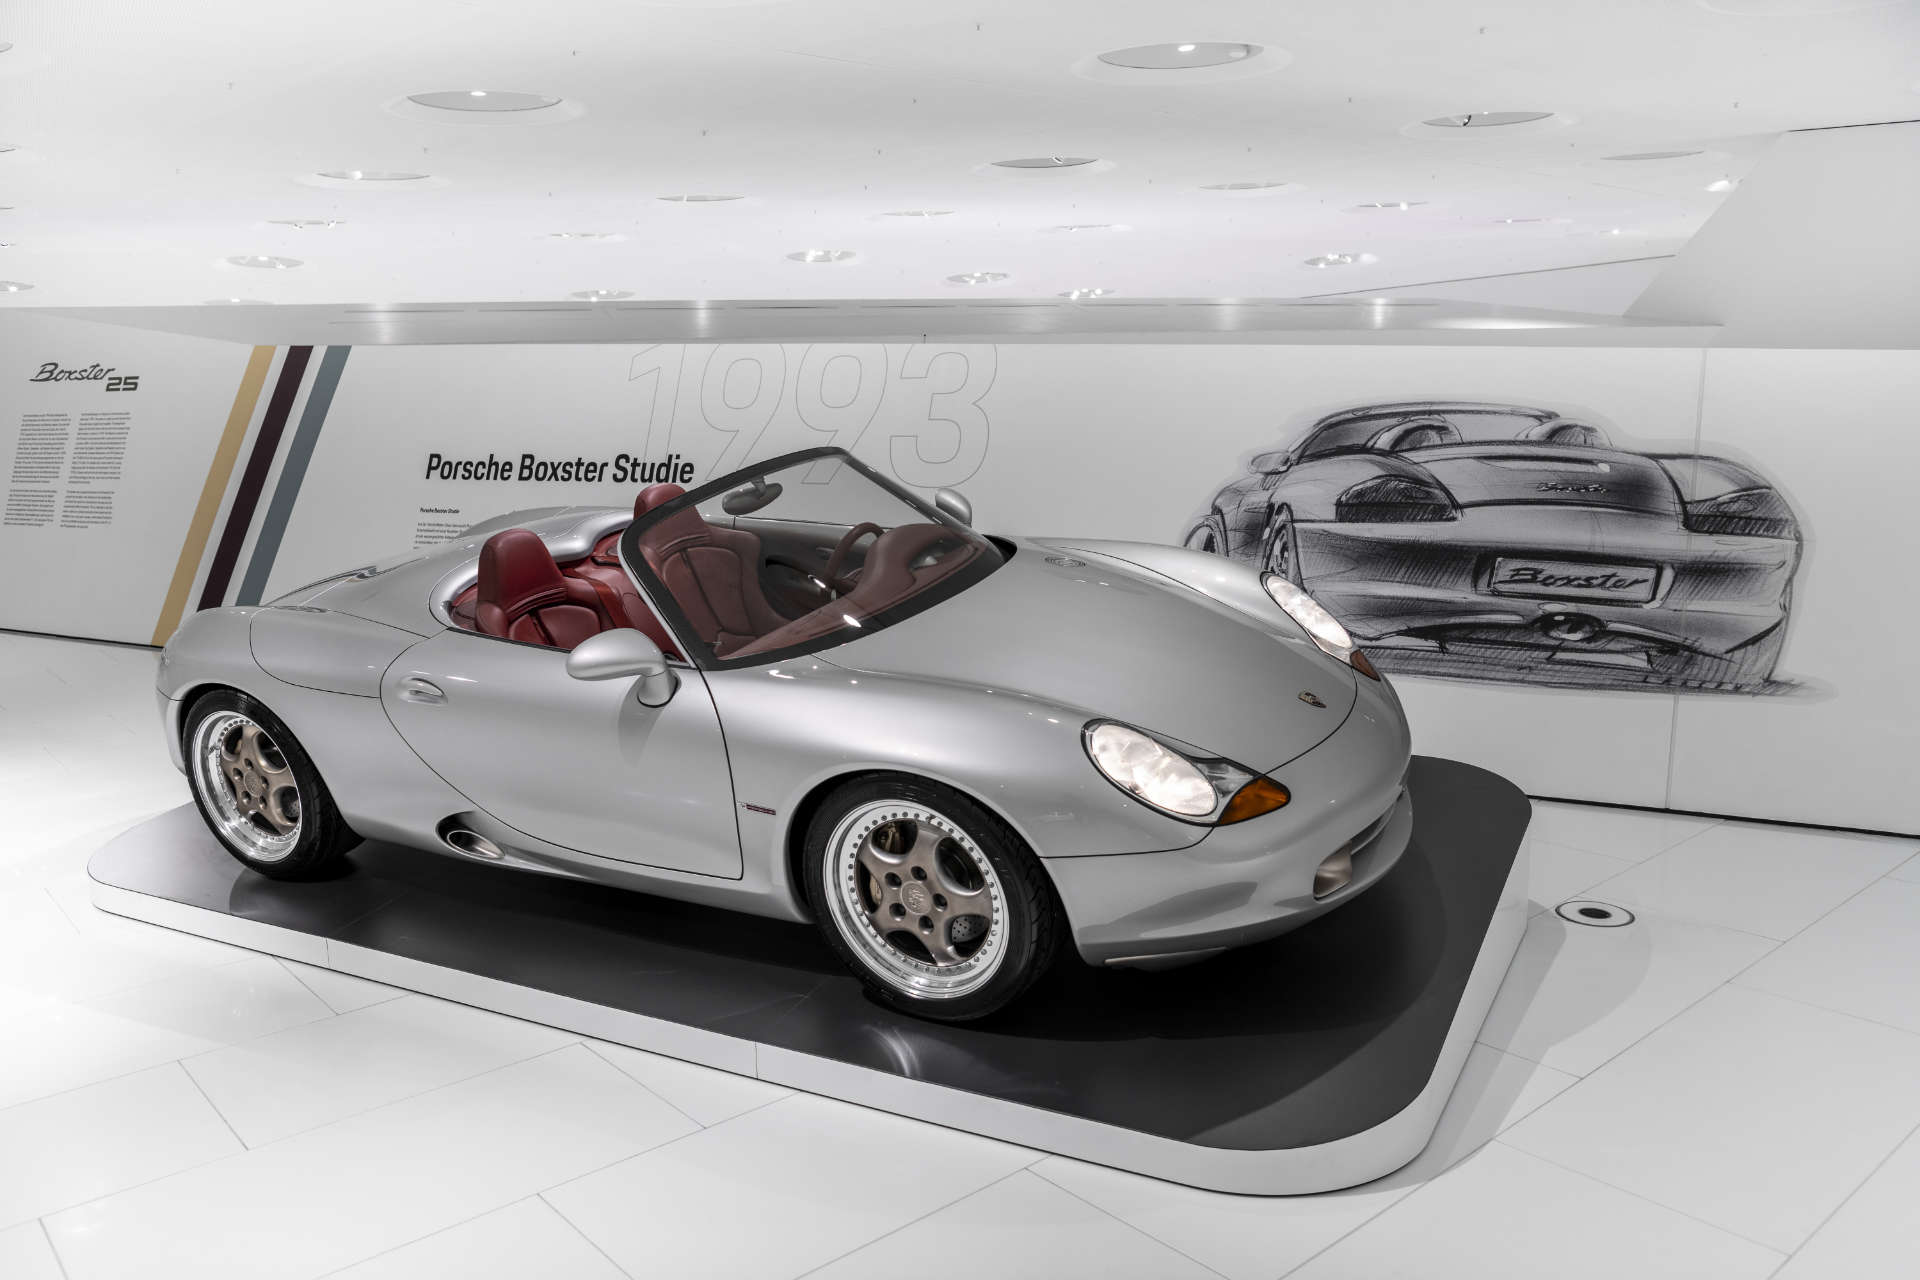 Porsche Museum 25 Jahre Boxster Studie